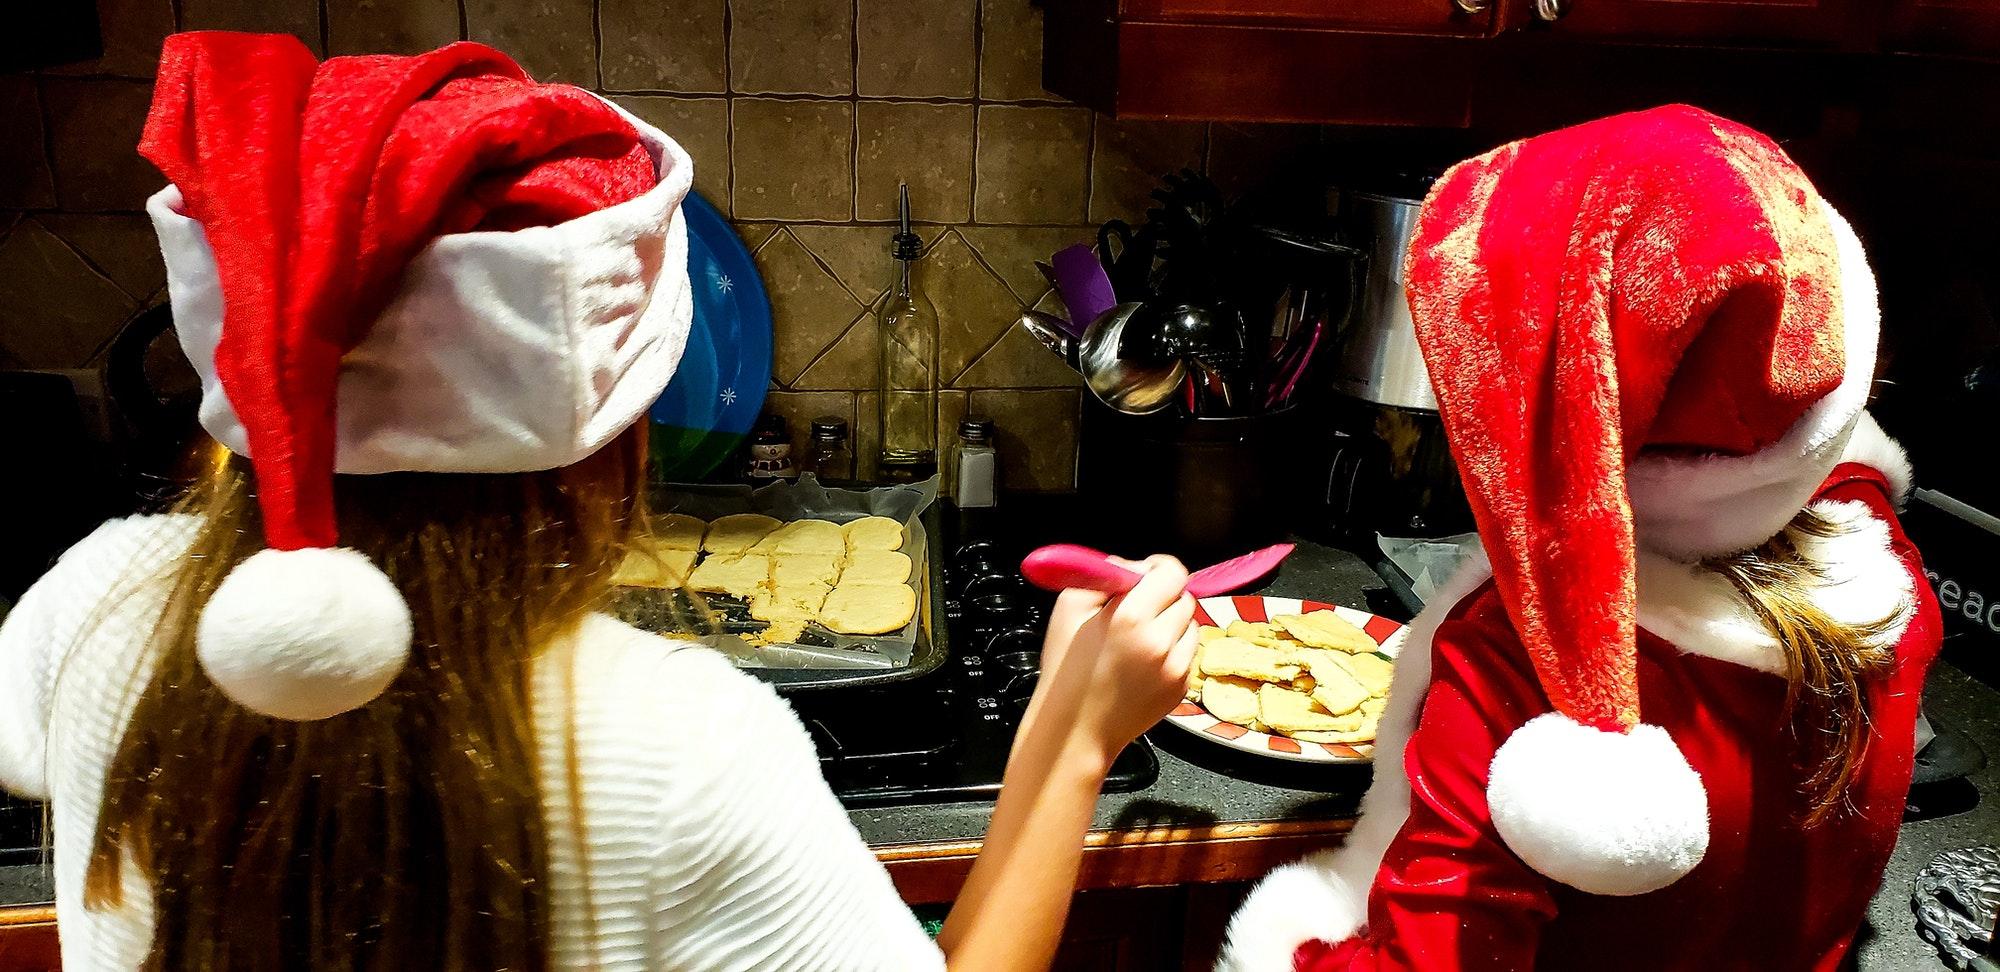 PickFu holiday poll: Baking cookies for Santa